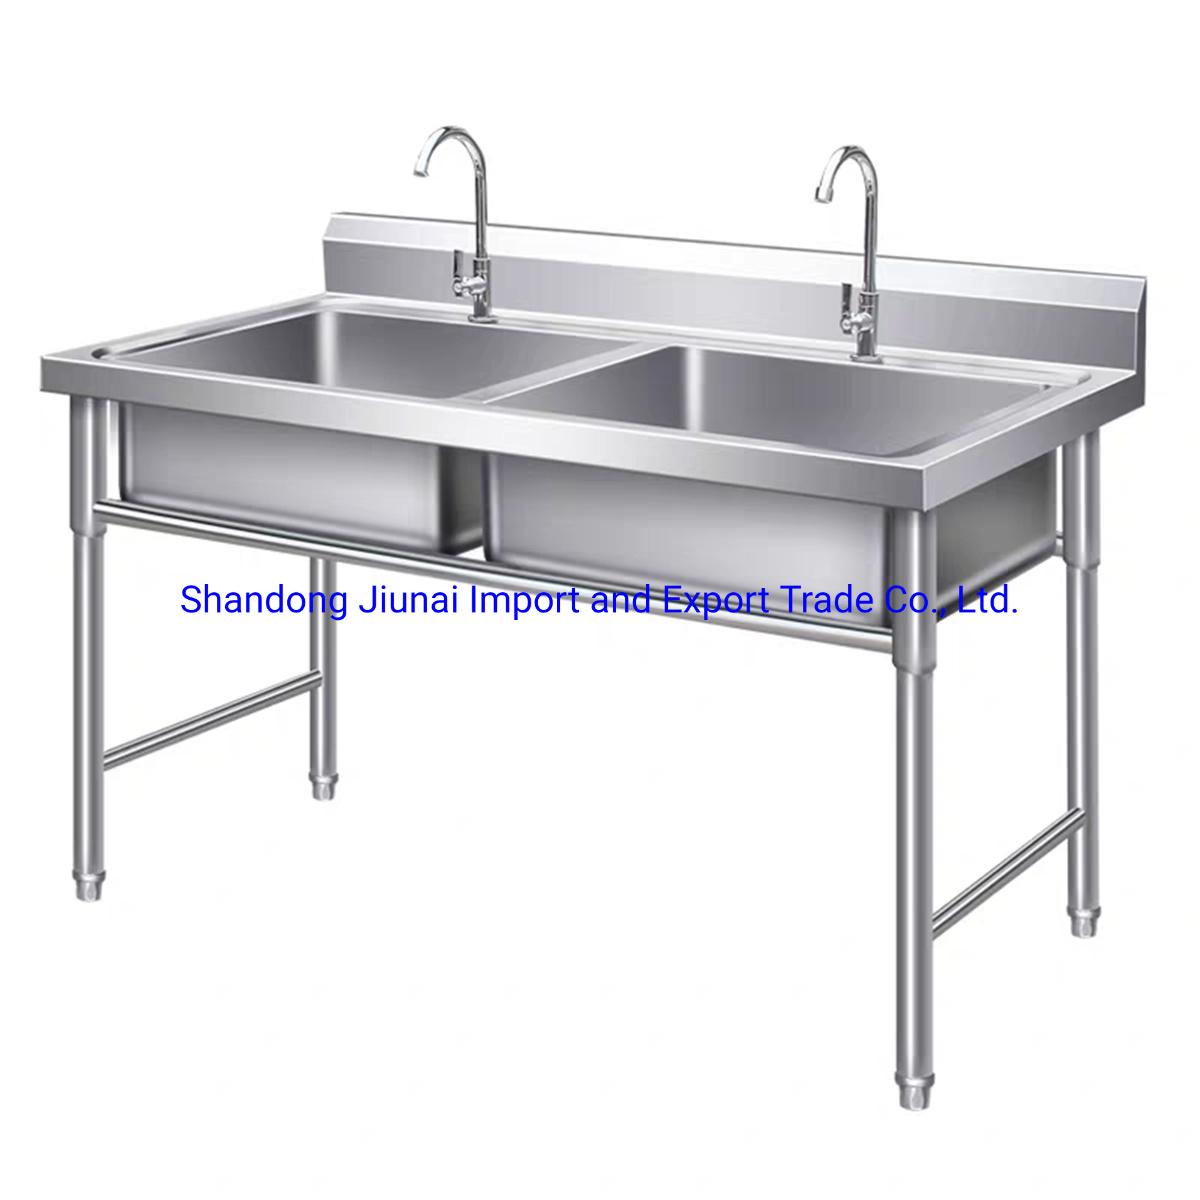 China Restaurant Kitchen Equipment 3 Compartment Stainless Steel Sink China Kitchenware Kitchen Sink